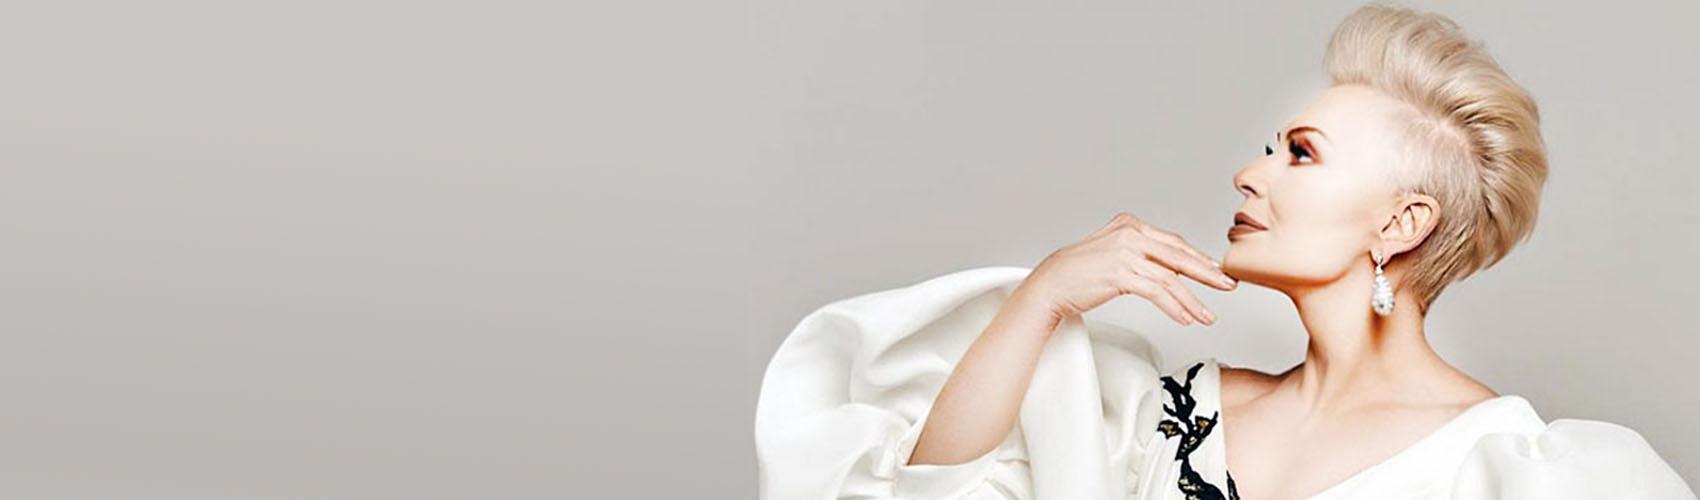 Бесподобная диета: Ирина Понаровская рассказала, как в 66 лет оставаться совершенством